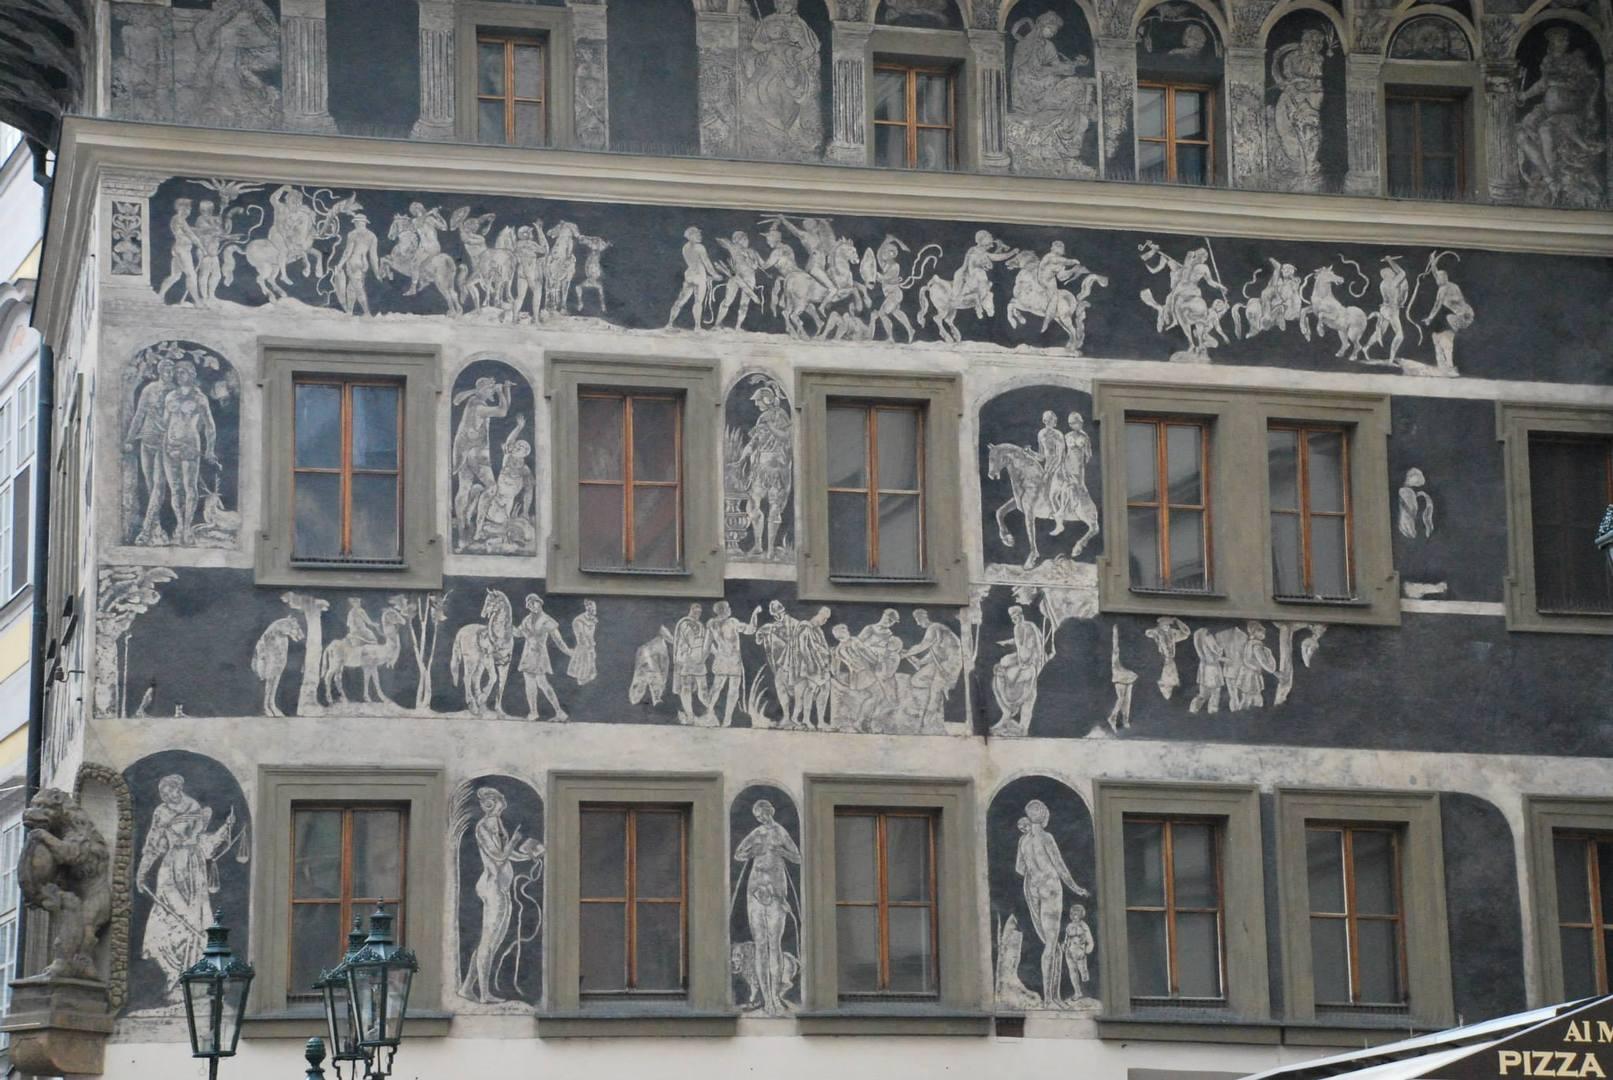 בית הדקה עם ציורי הסגרפיטו המרשימים